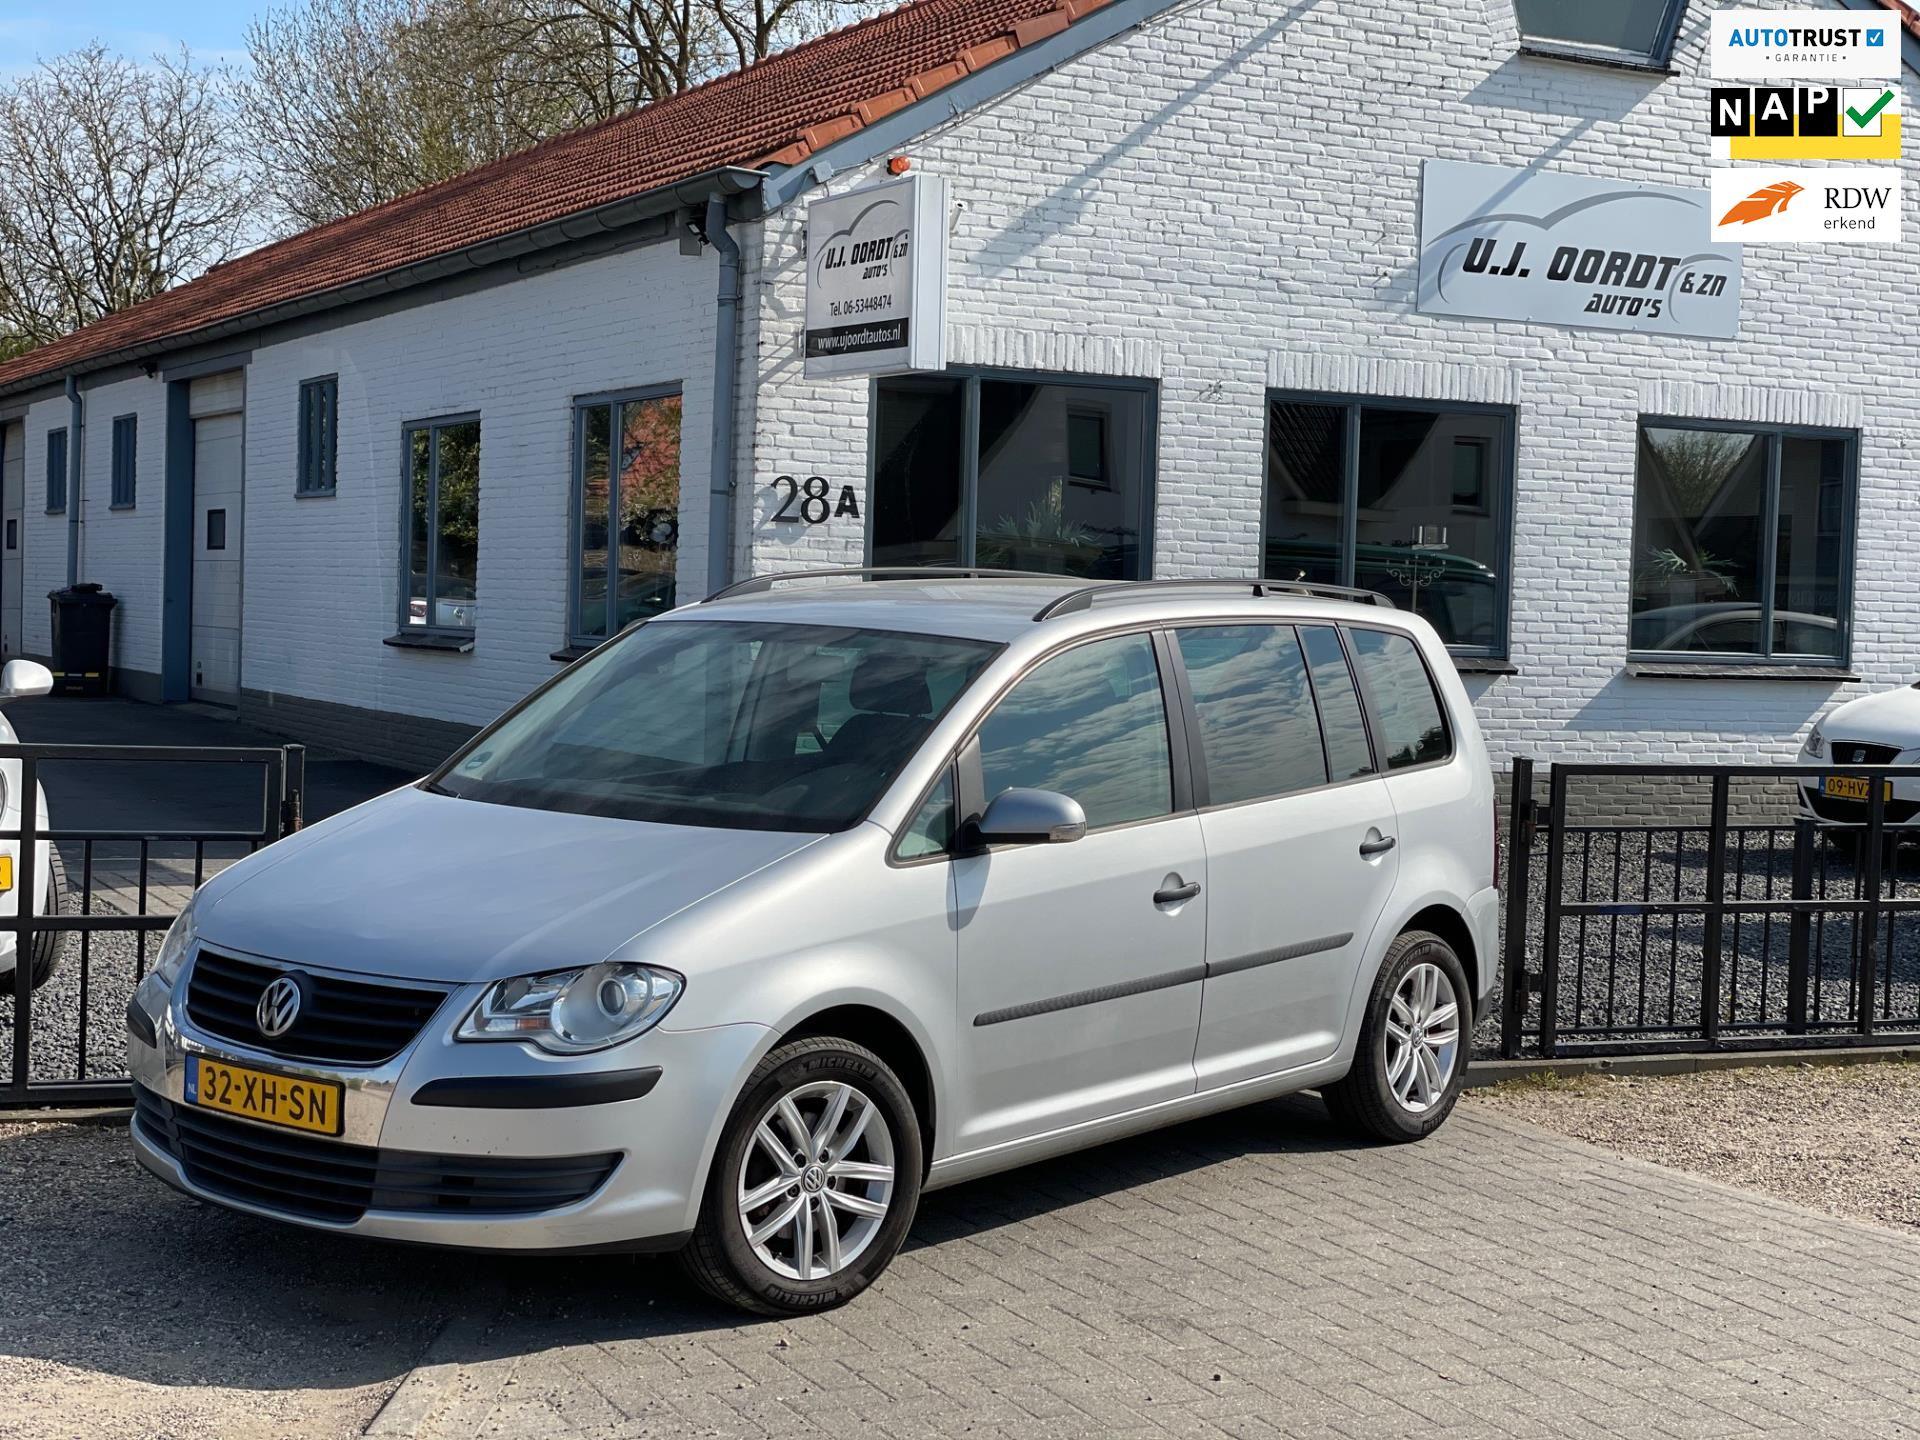 Volkswagen Touran occasion - U.J. Oordt Auto's